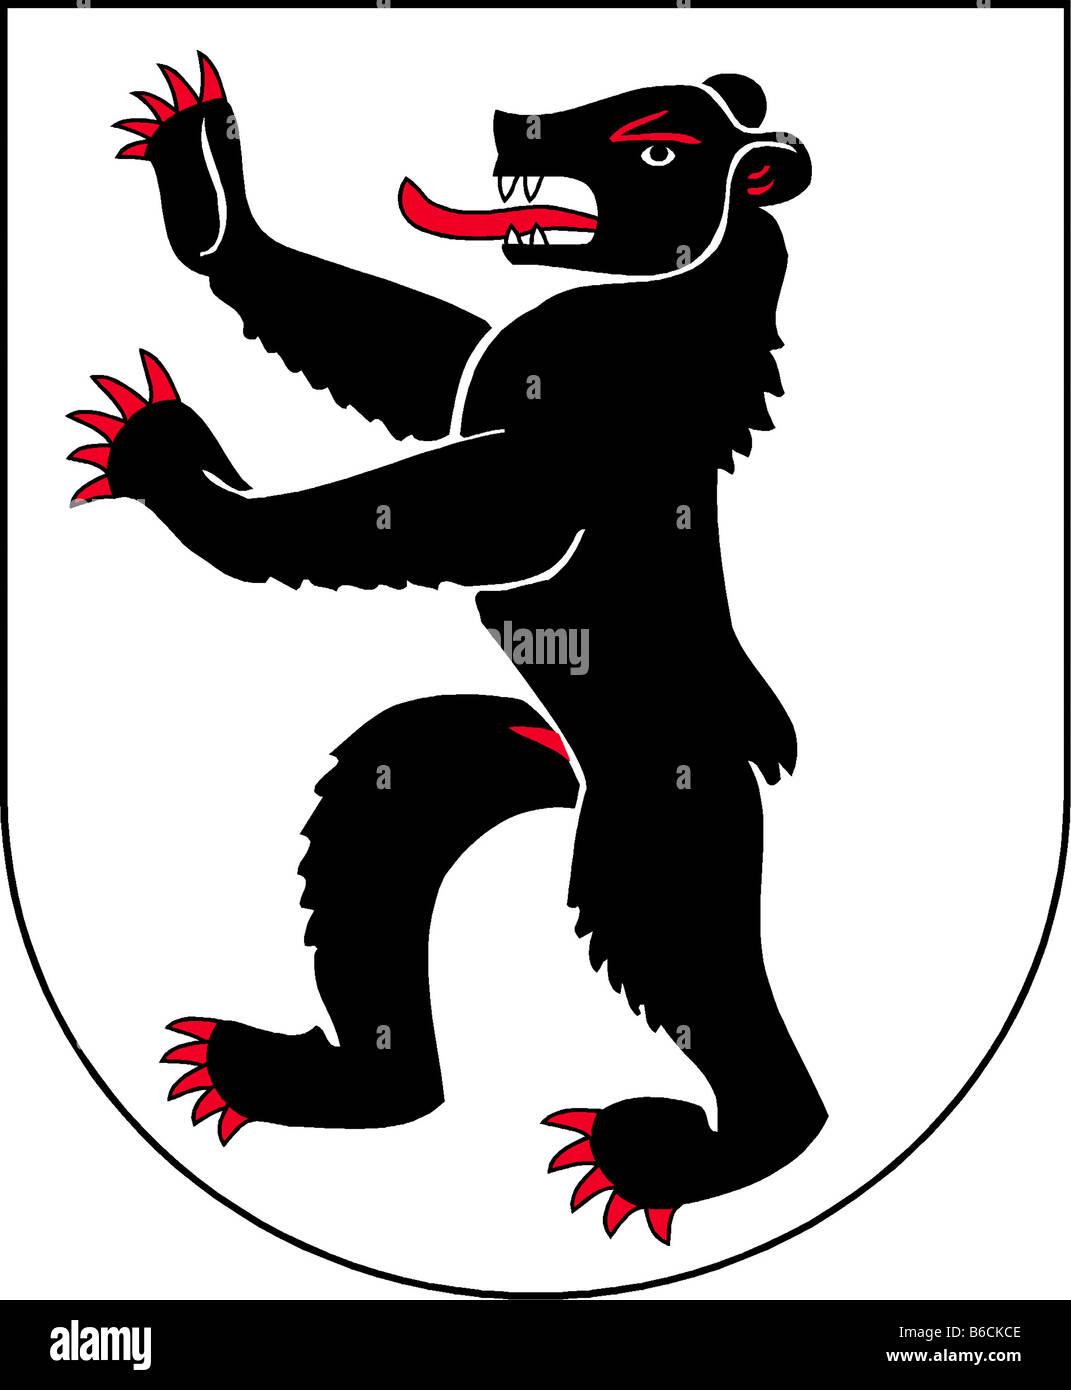 Abbildung Fahne des Kantons Appenzell Innerrhoden Schweiz Stockbild